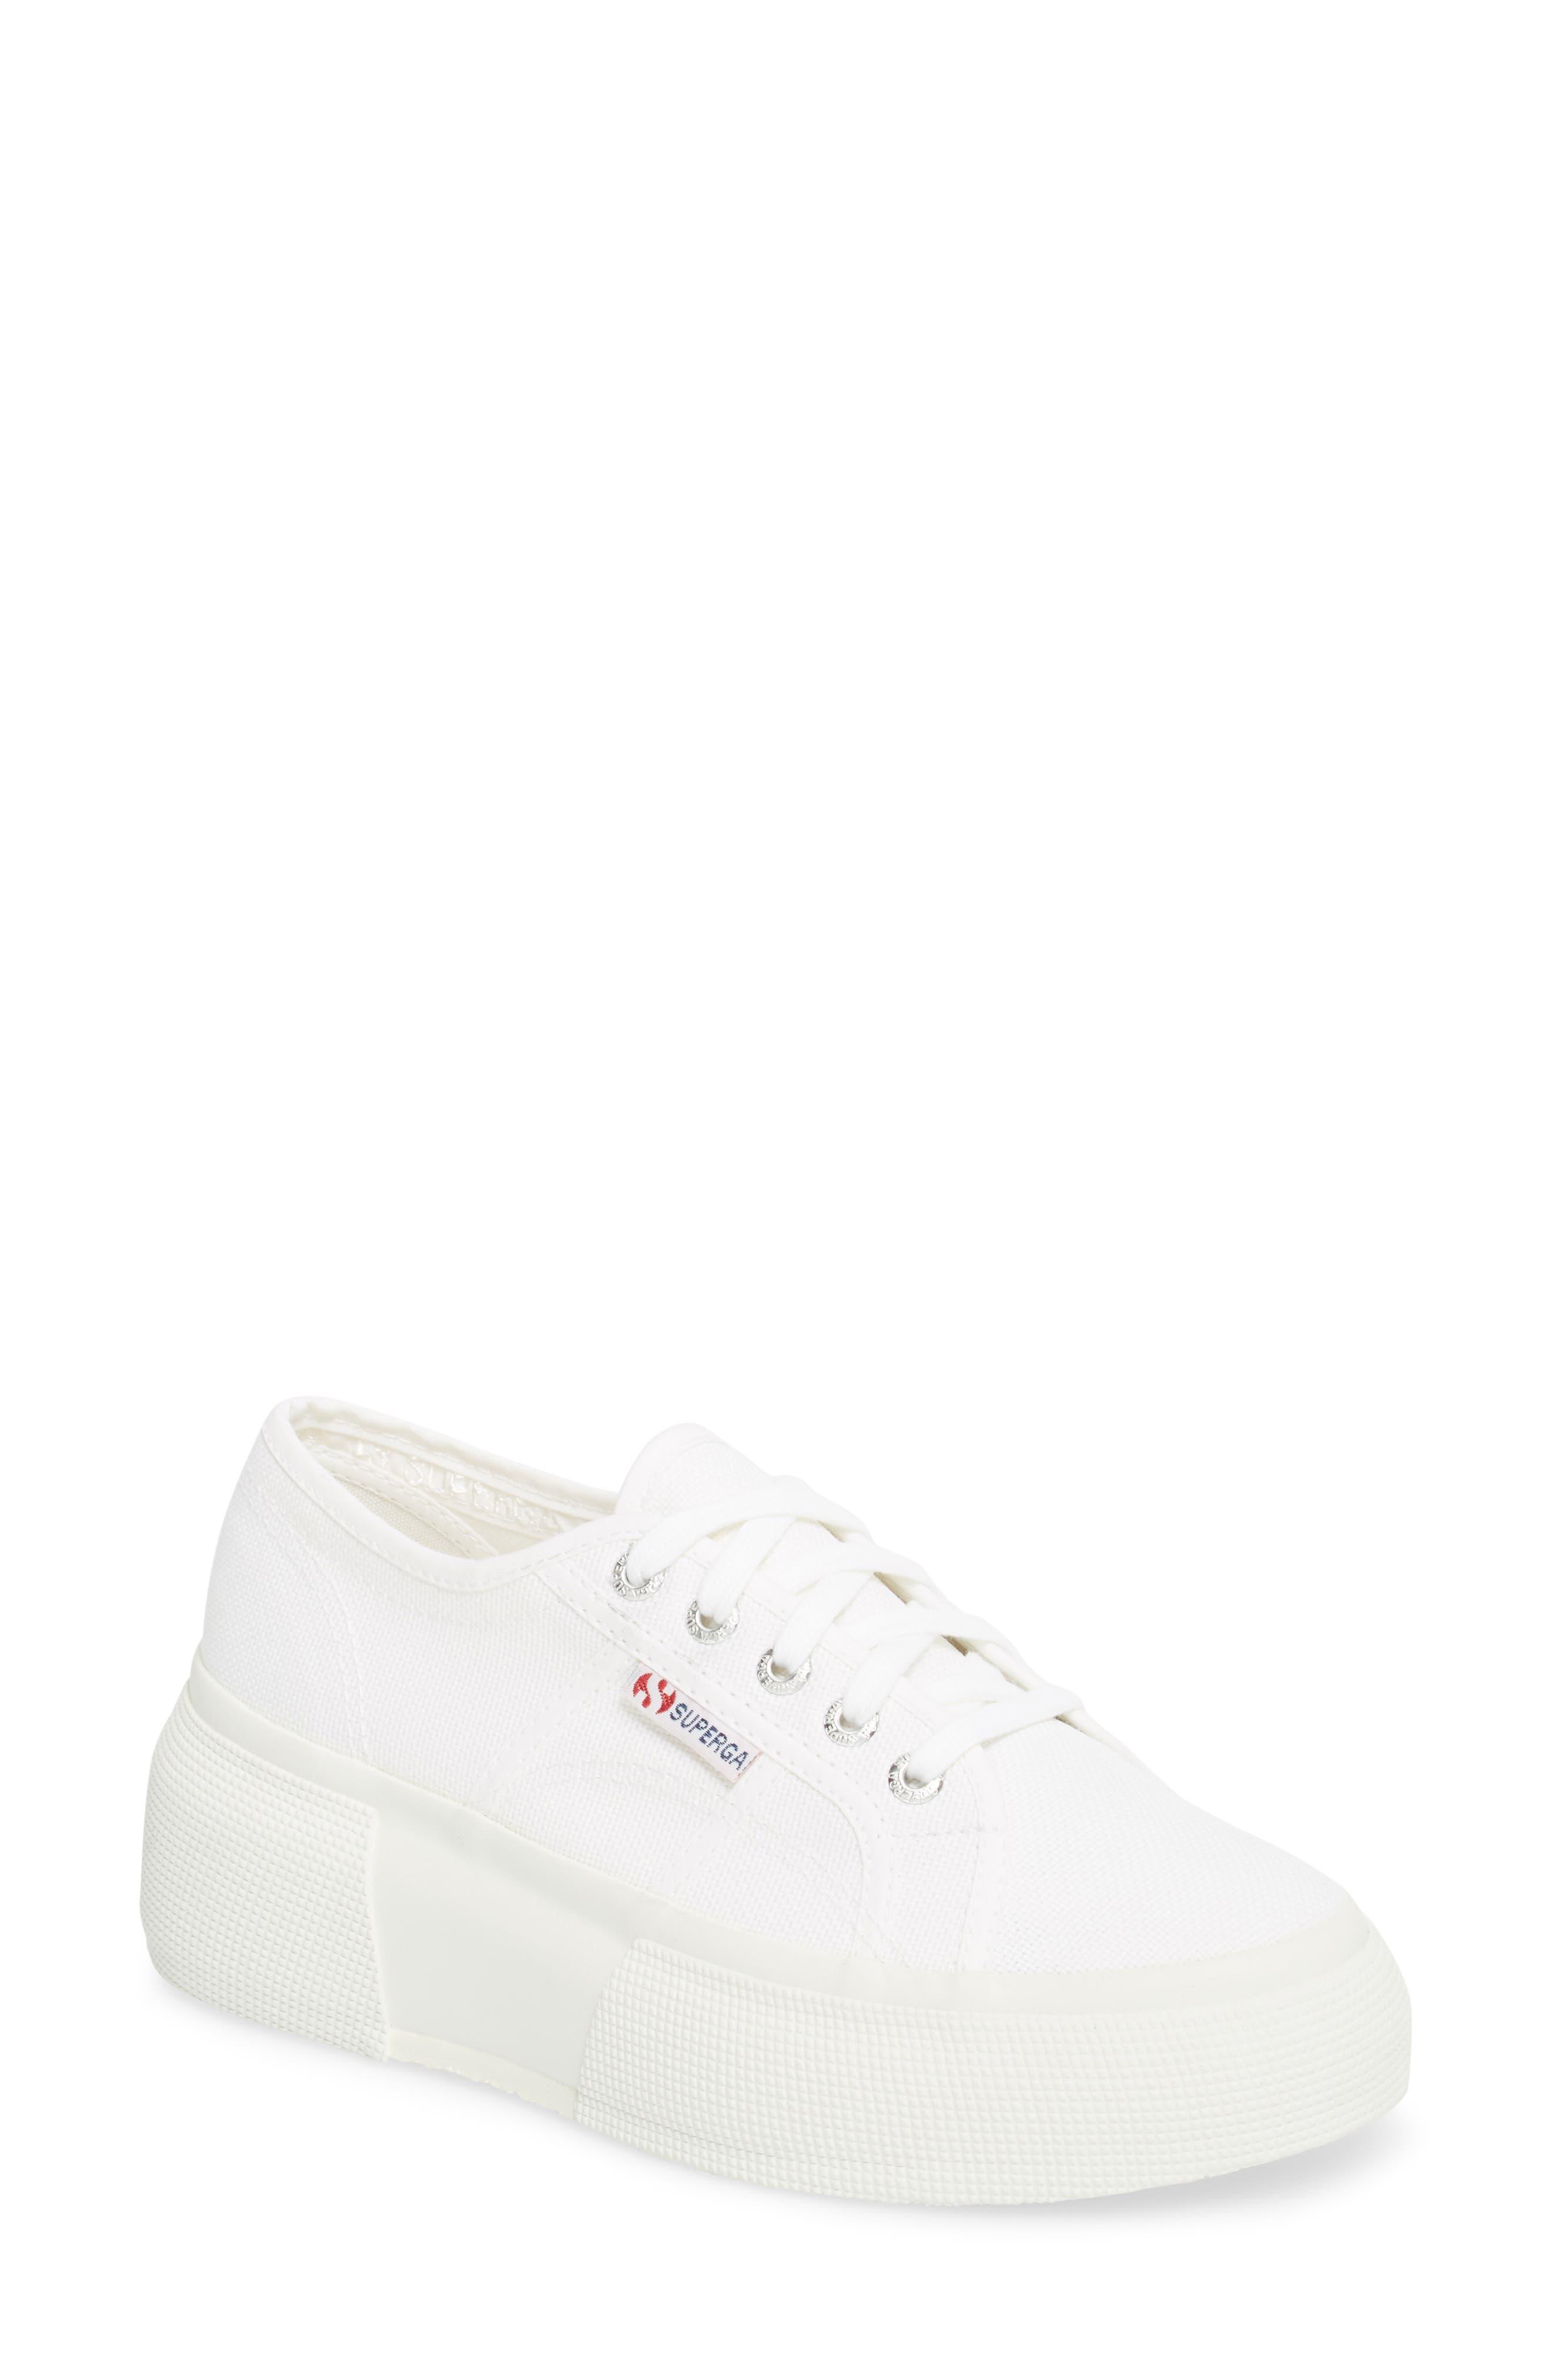 2287 Cotu Platform Sneaker,                             Main thumbnail 1, color,